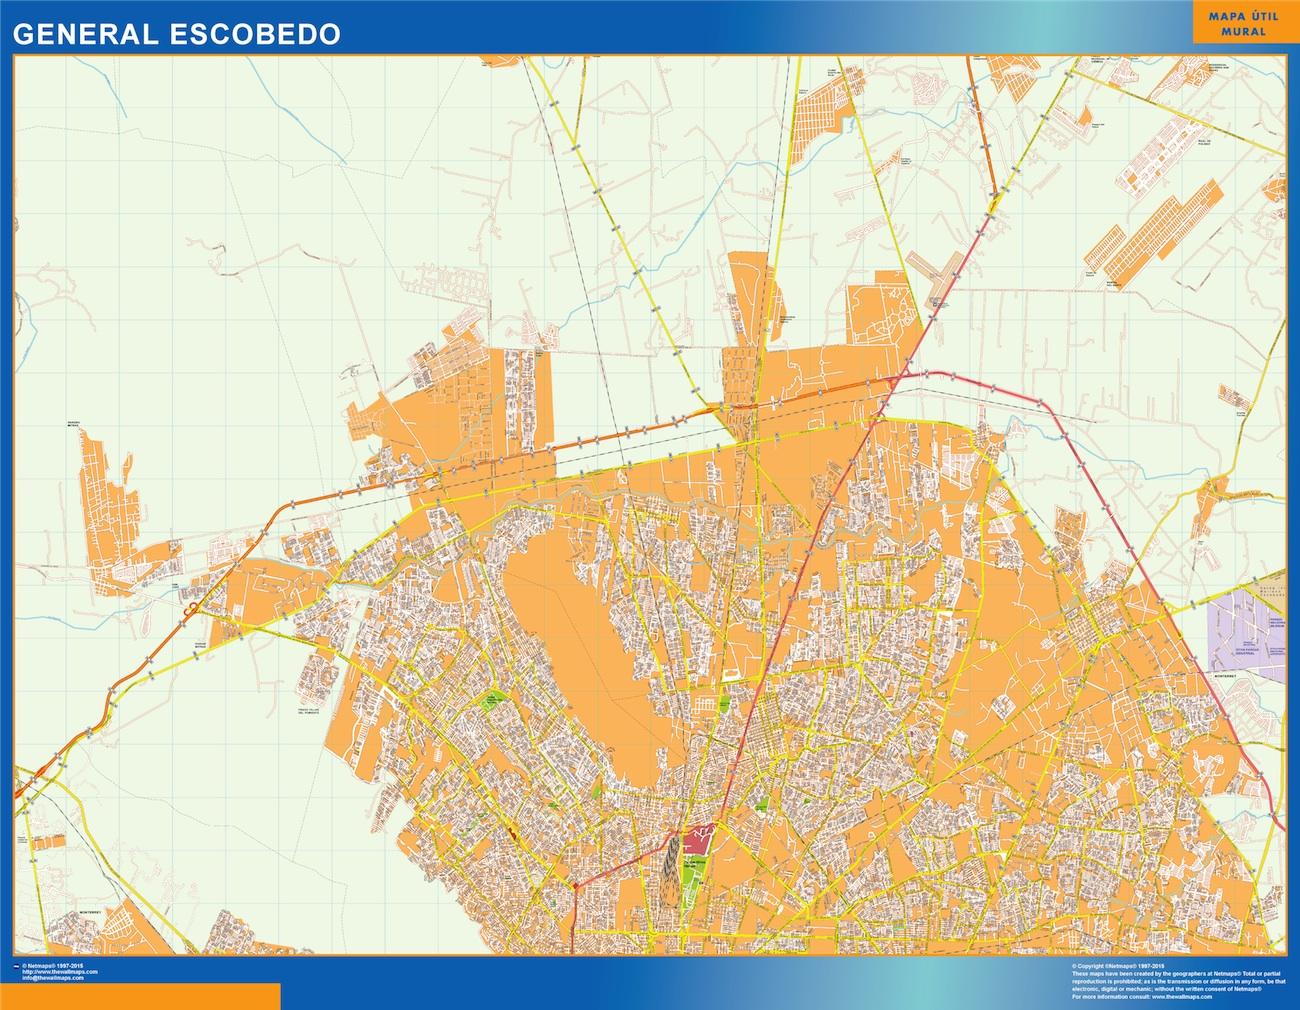 Mapa General Escobedo en Mexico plastificado gigante